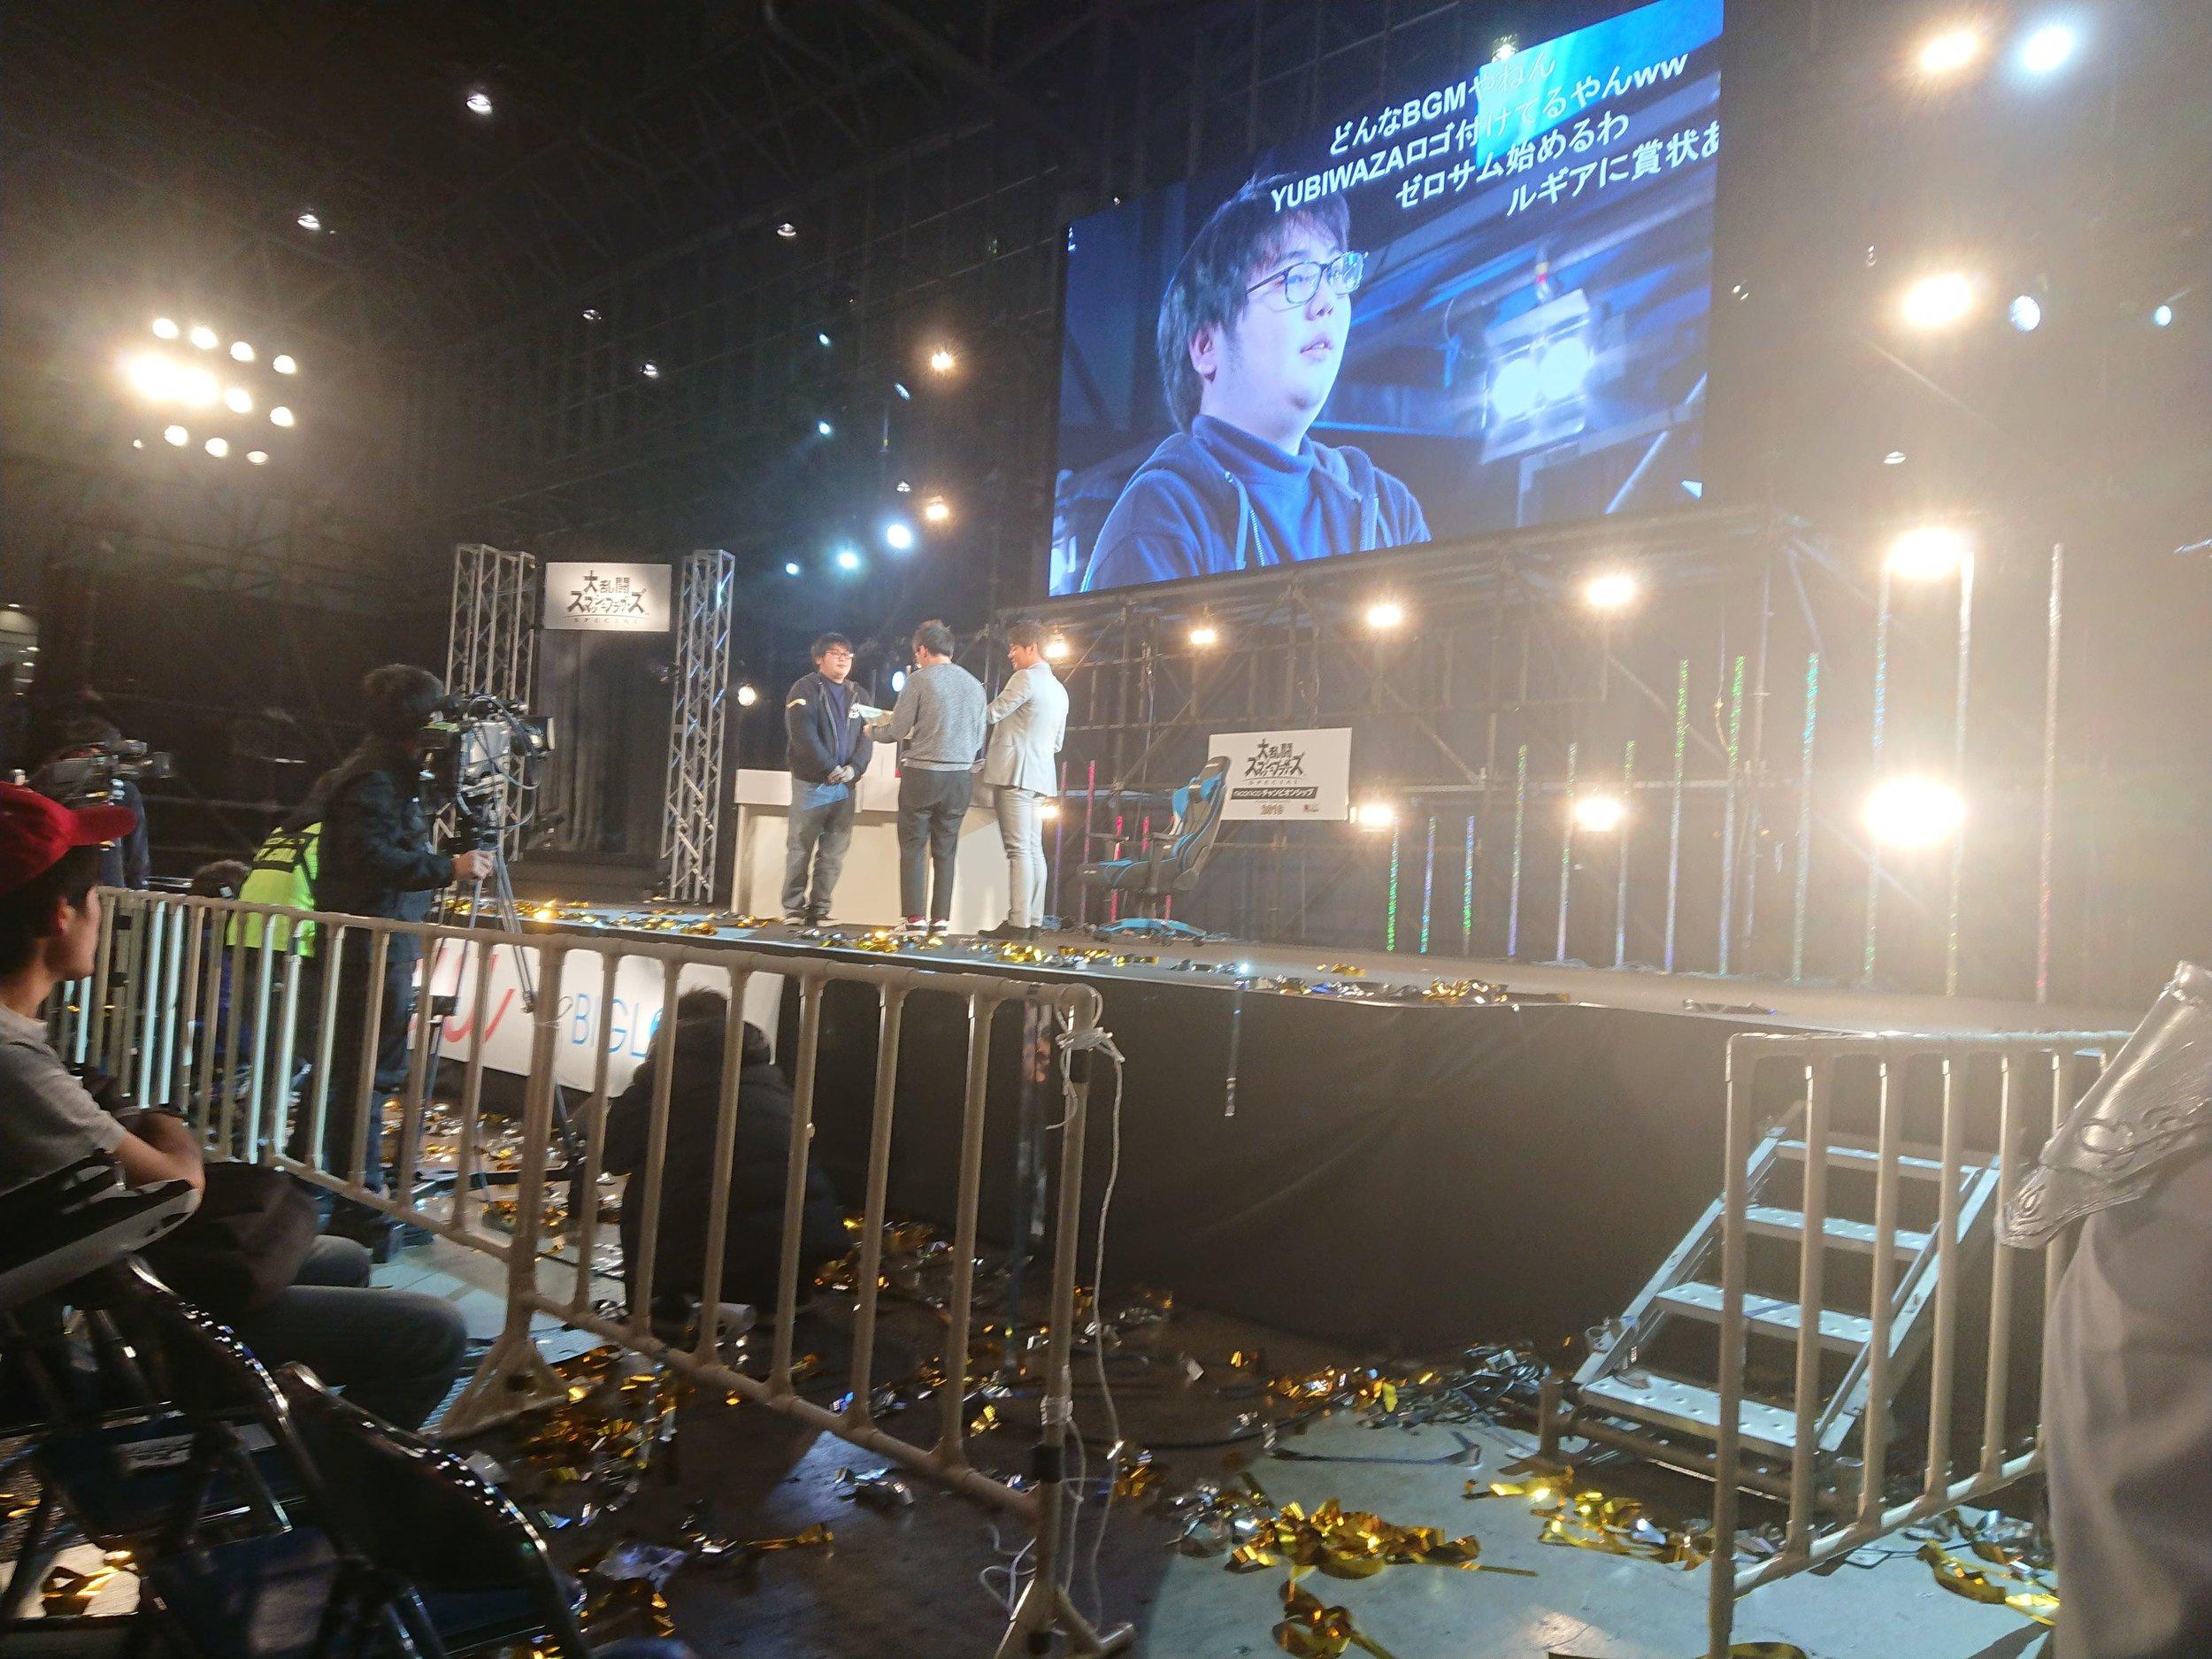 Hikaru: Nico Nico/Tokaigi 2019 Champion!